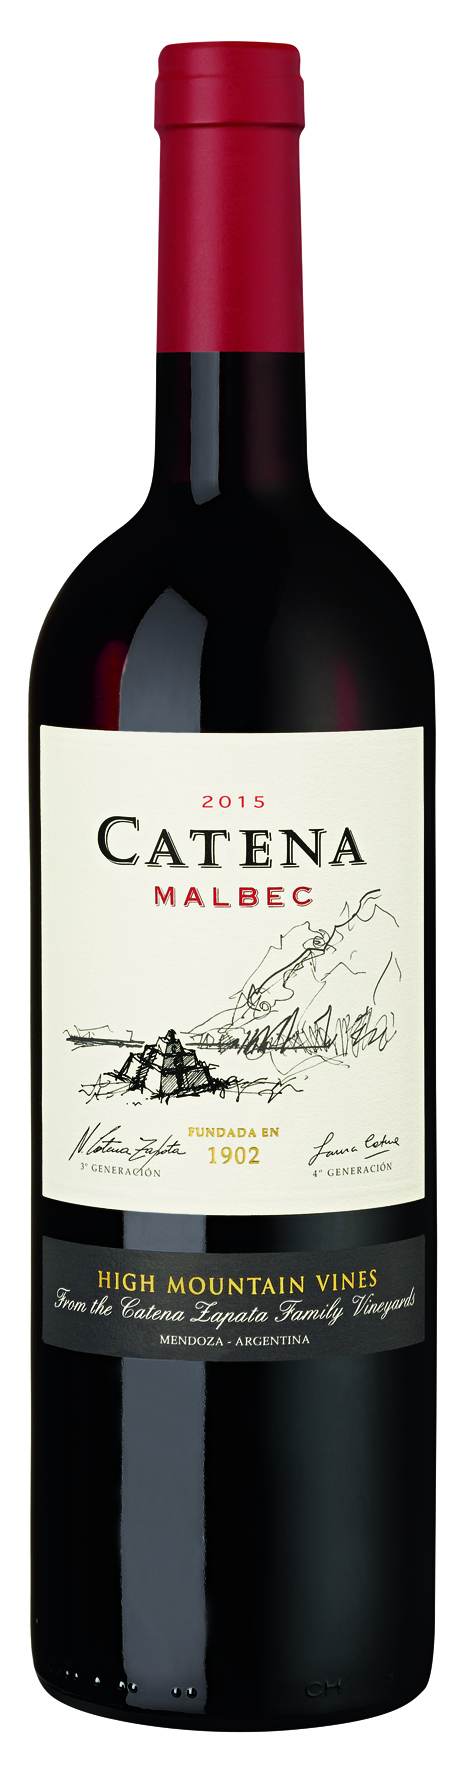 2017 Catena Malbec Magnum - Mendoza, Argentinia